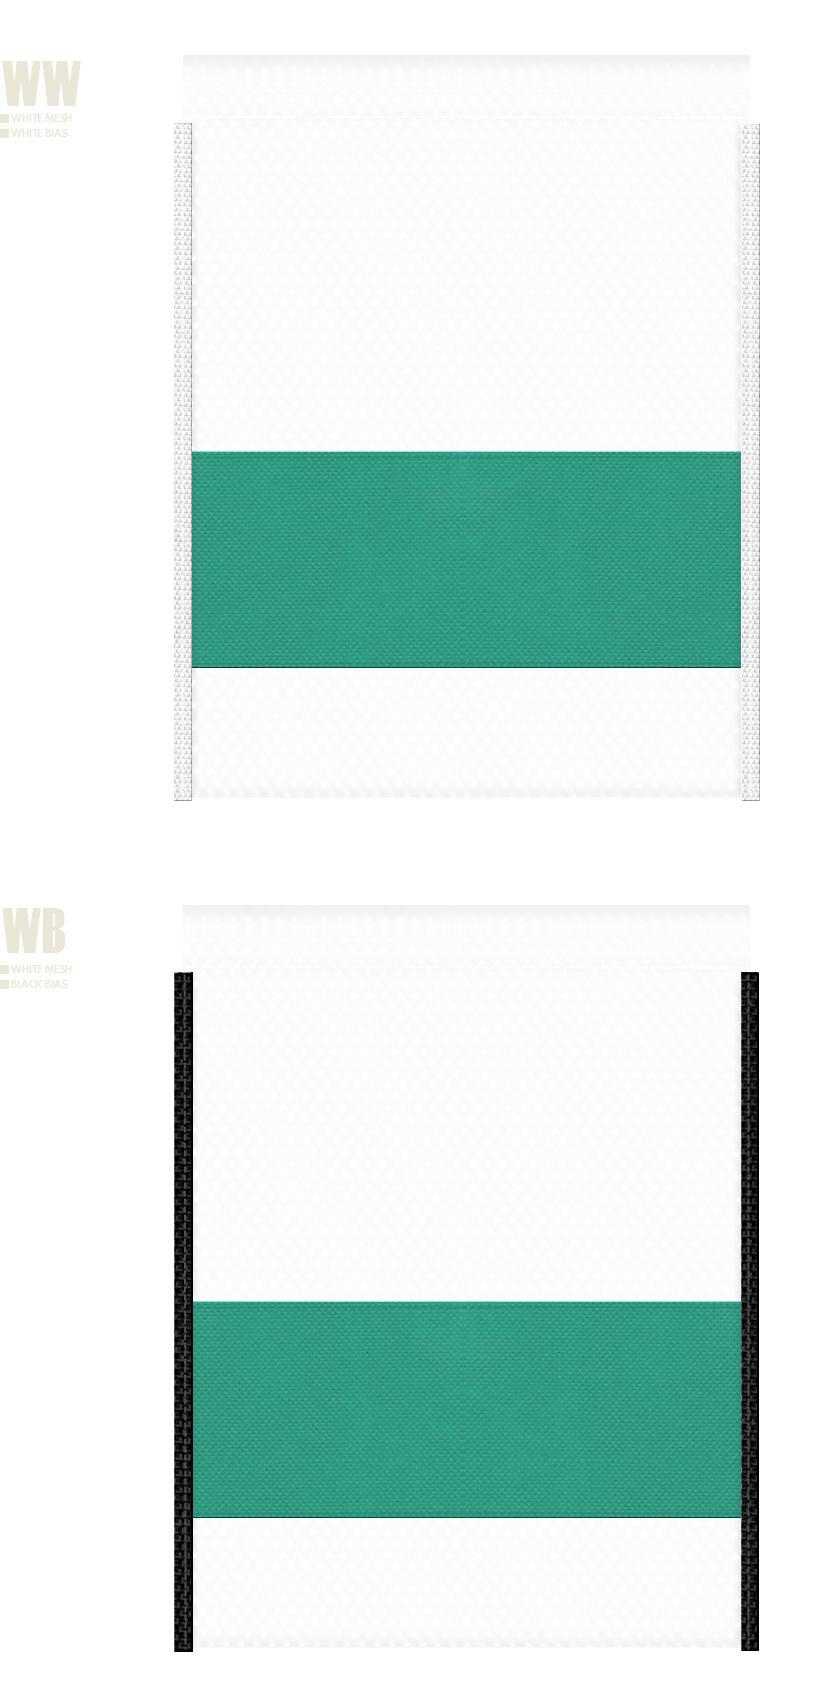 白色メッシュと青緑色不織布のメッシュバッグカラーシミュレーション:キャンプ用品・アウトドア用品・スポーツ用品・シューズバッグ・生活用品の販促ノベルティにお奨め